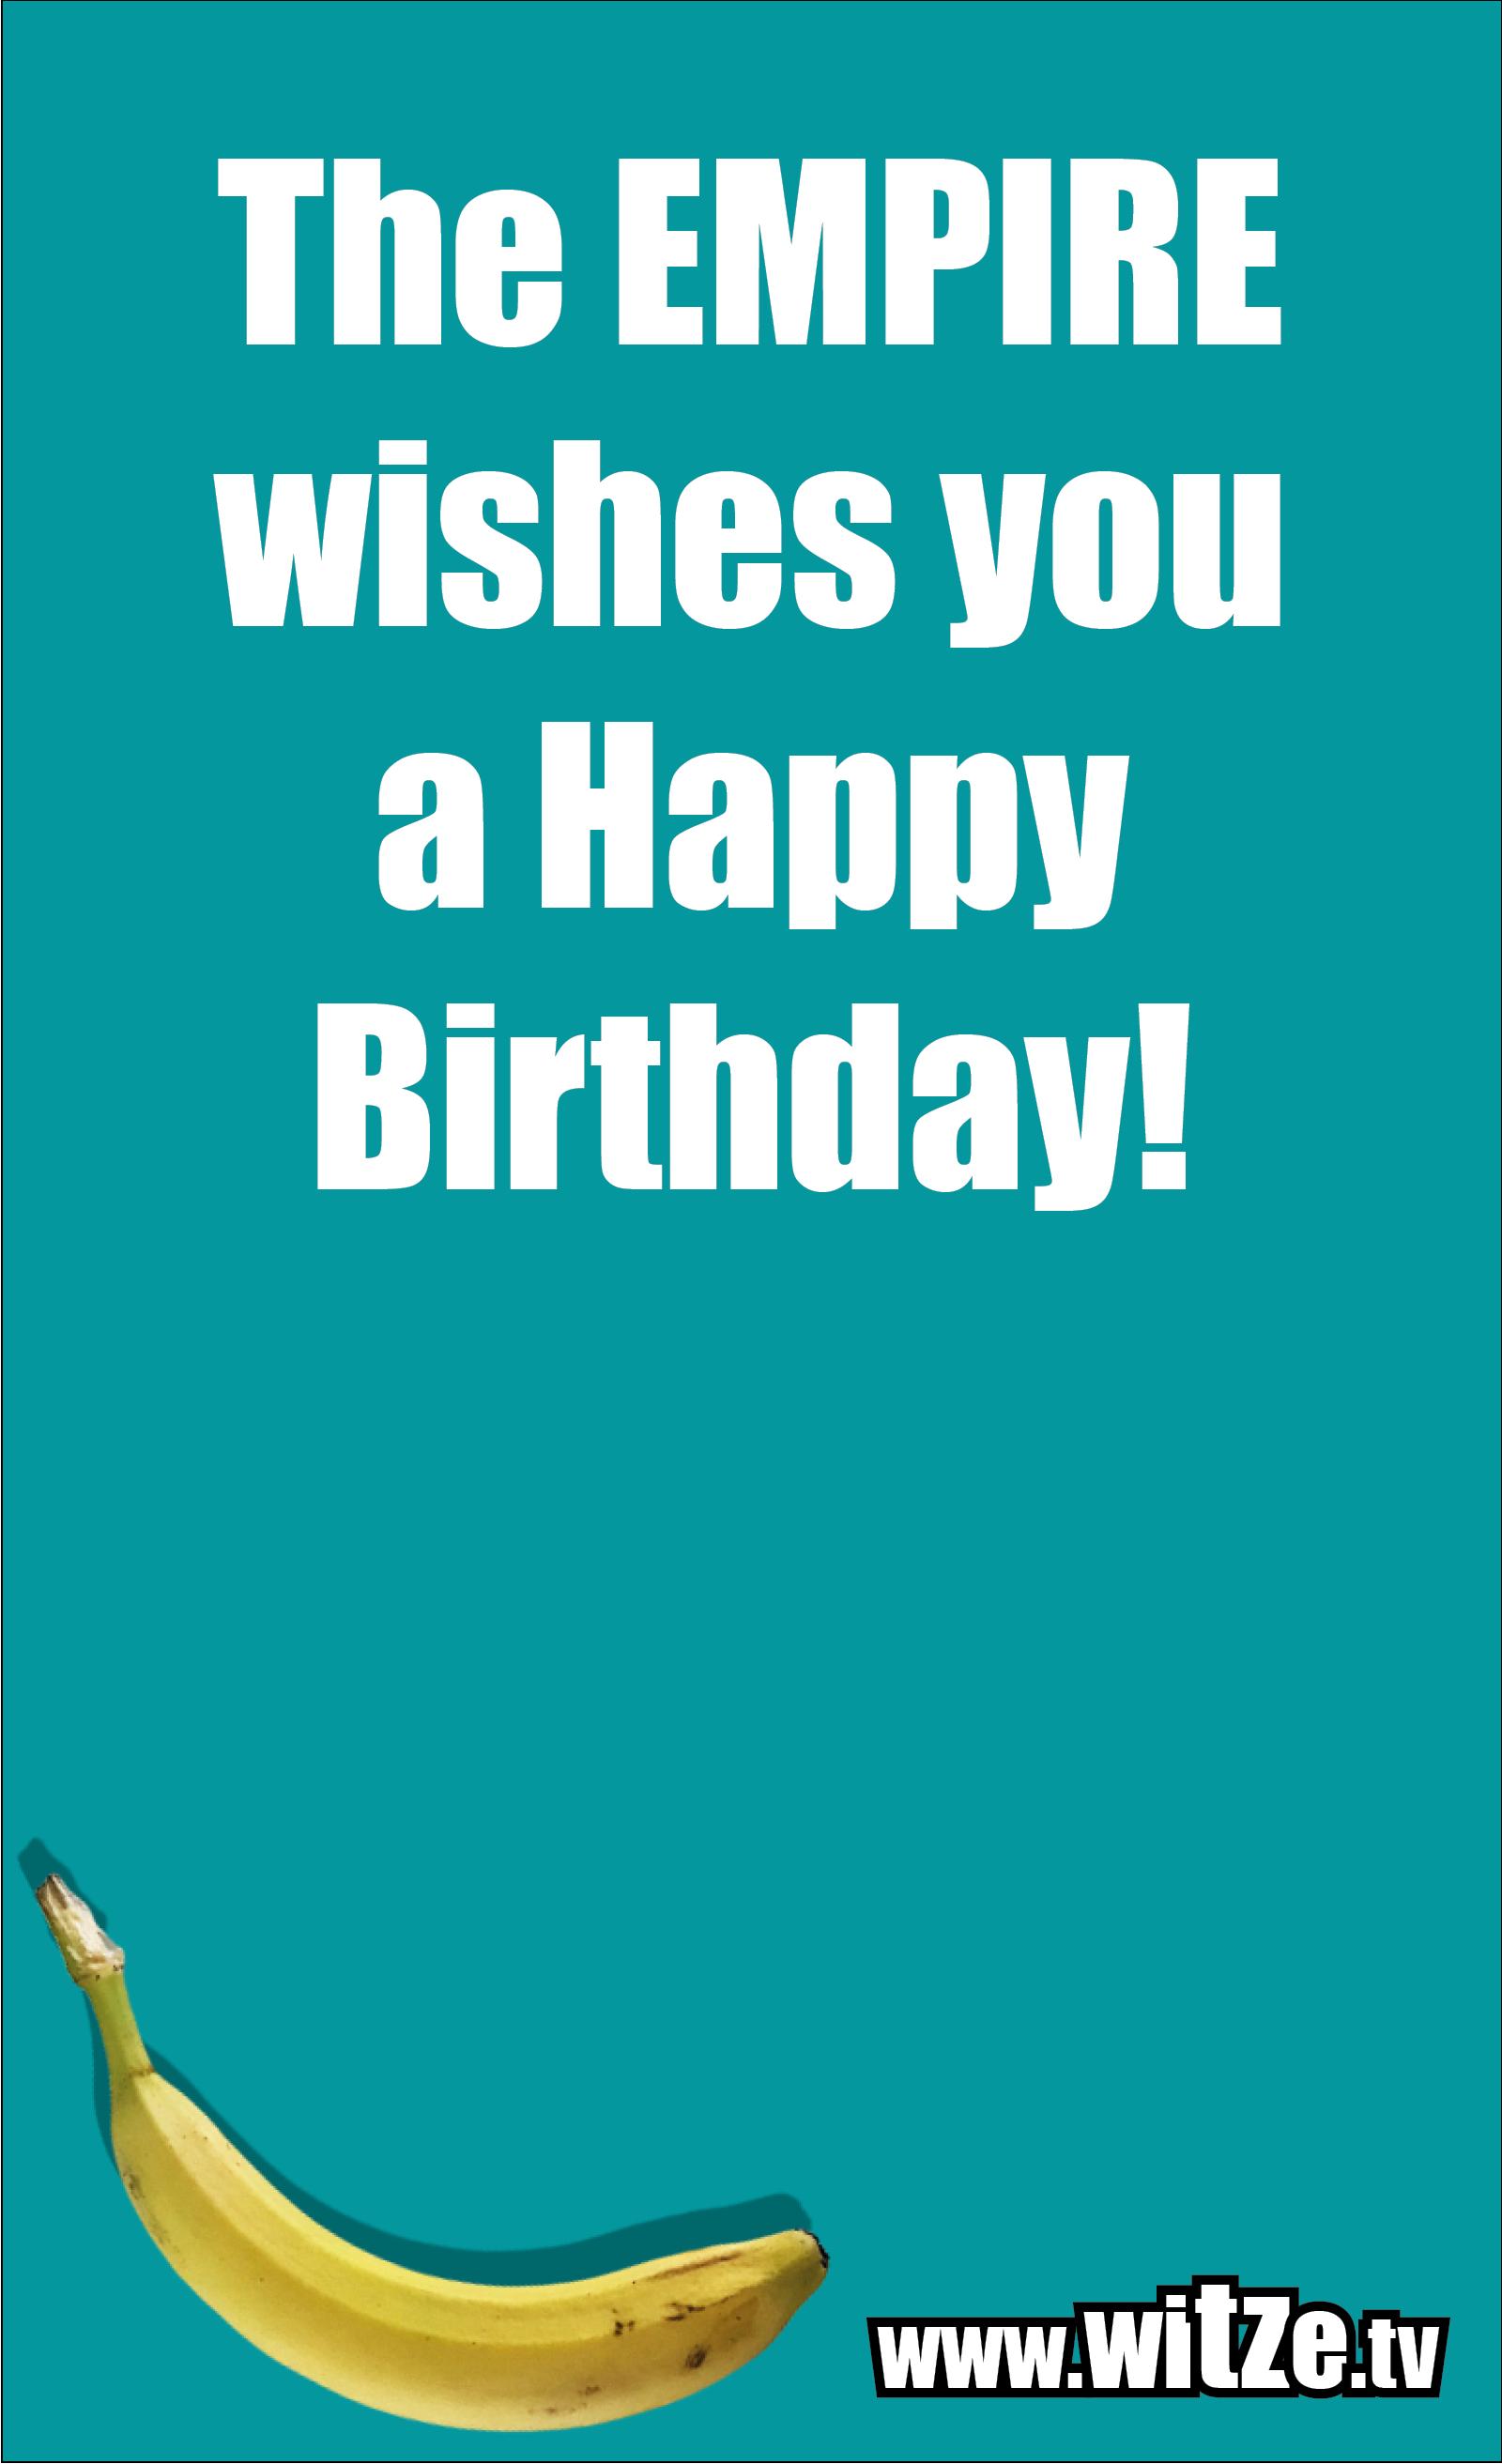 Lustige Geburtstagswünsche: The EMPIRE wishes you a Happy Birthday!